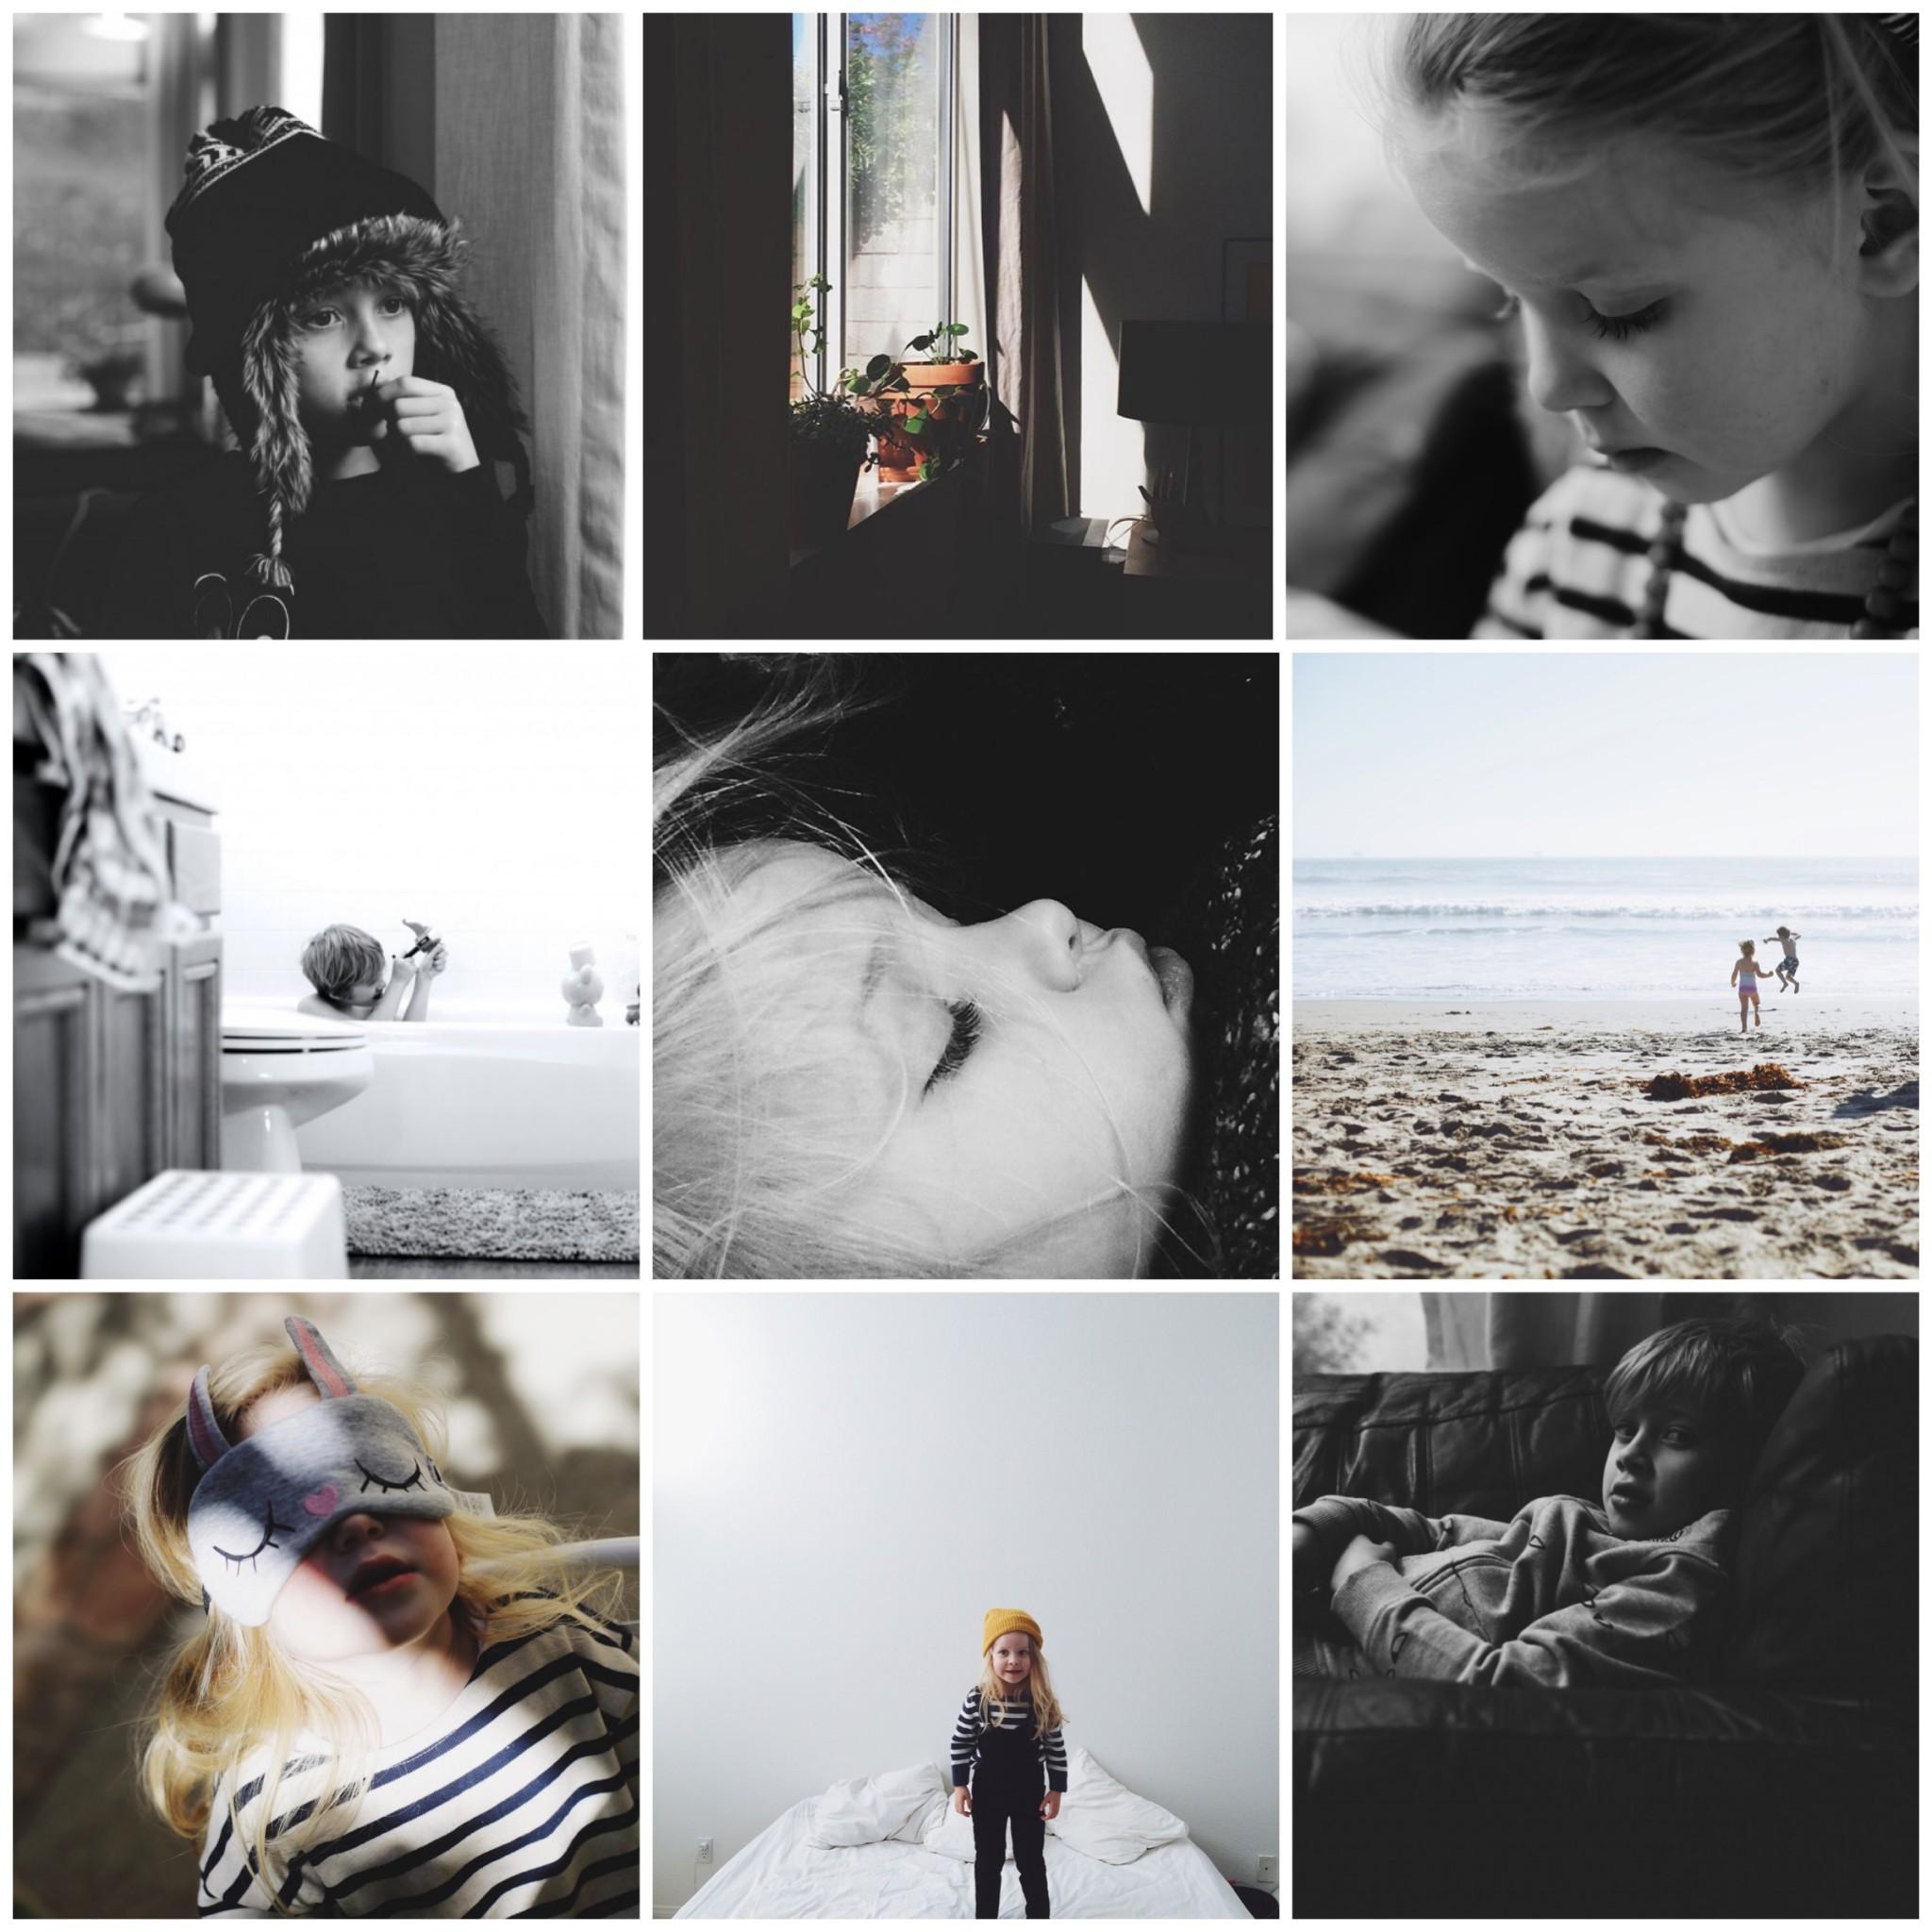 February on instagram @madebylon